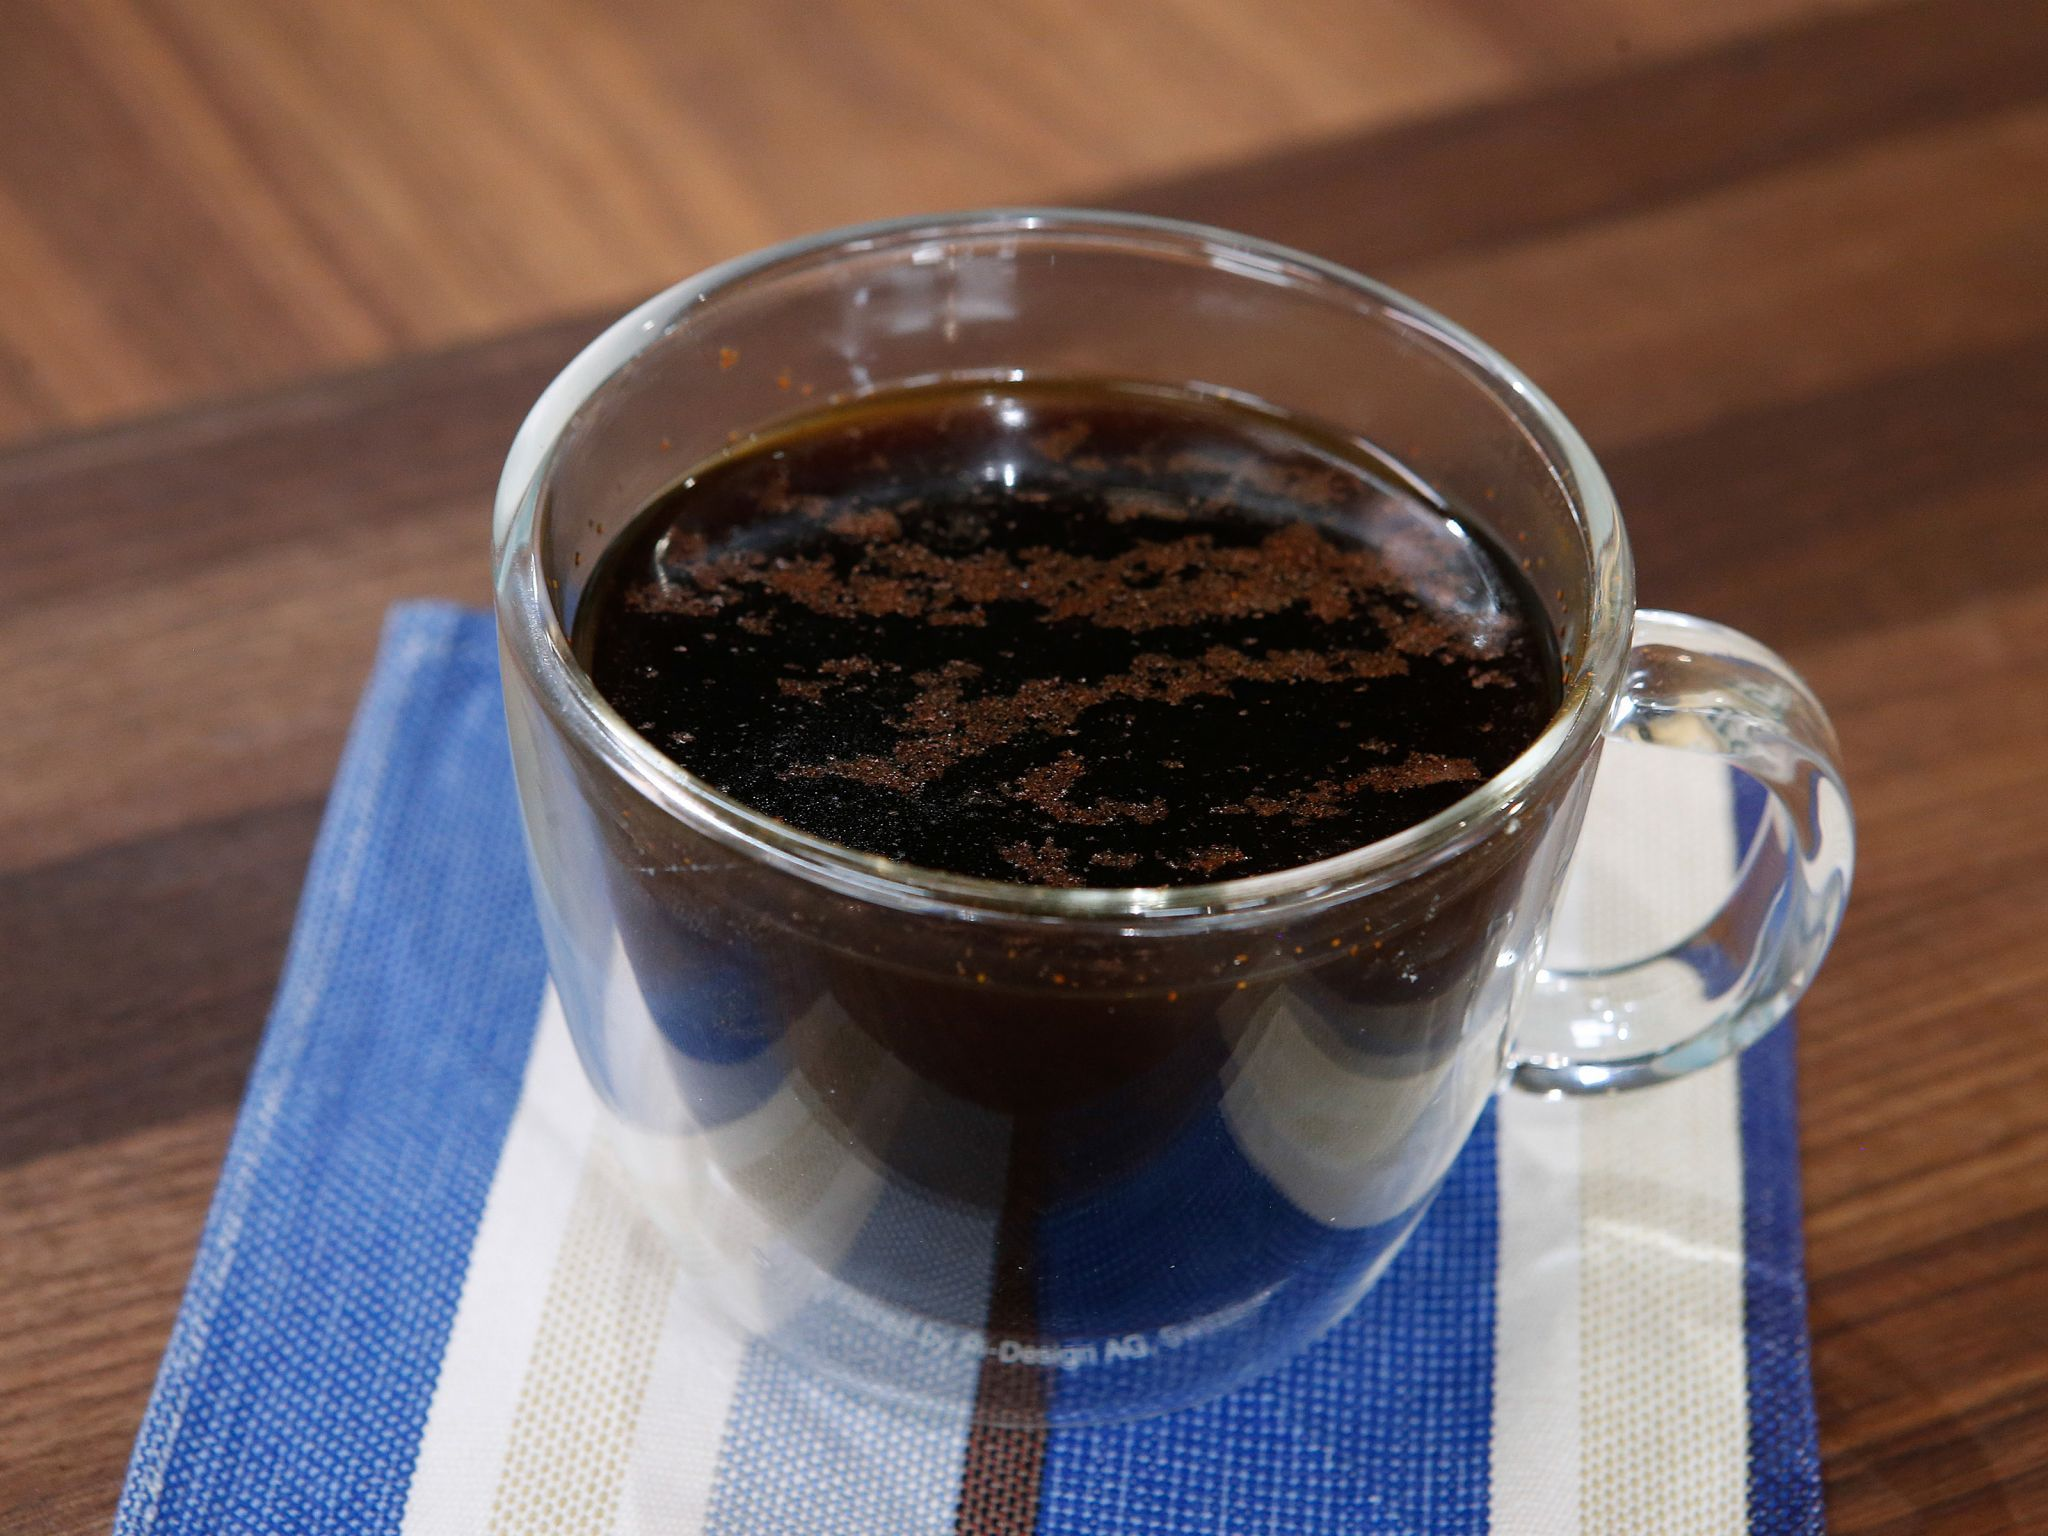 Четыре рецепта ароматного кофе: по-мексикански, по-вьетнамски, с перцем и с халвой